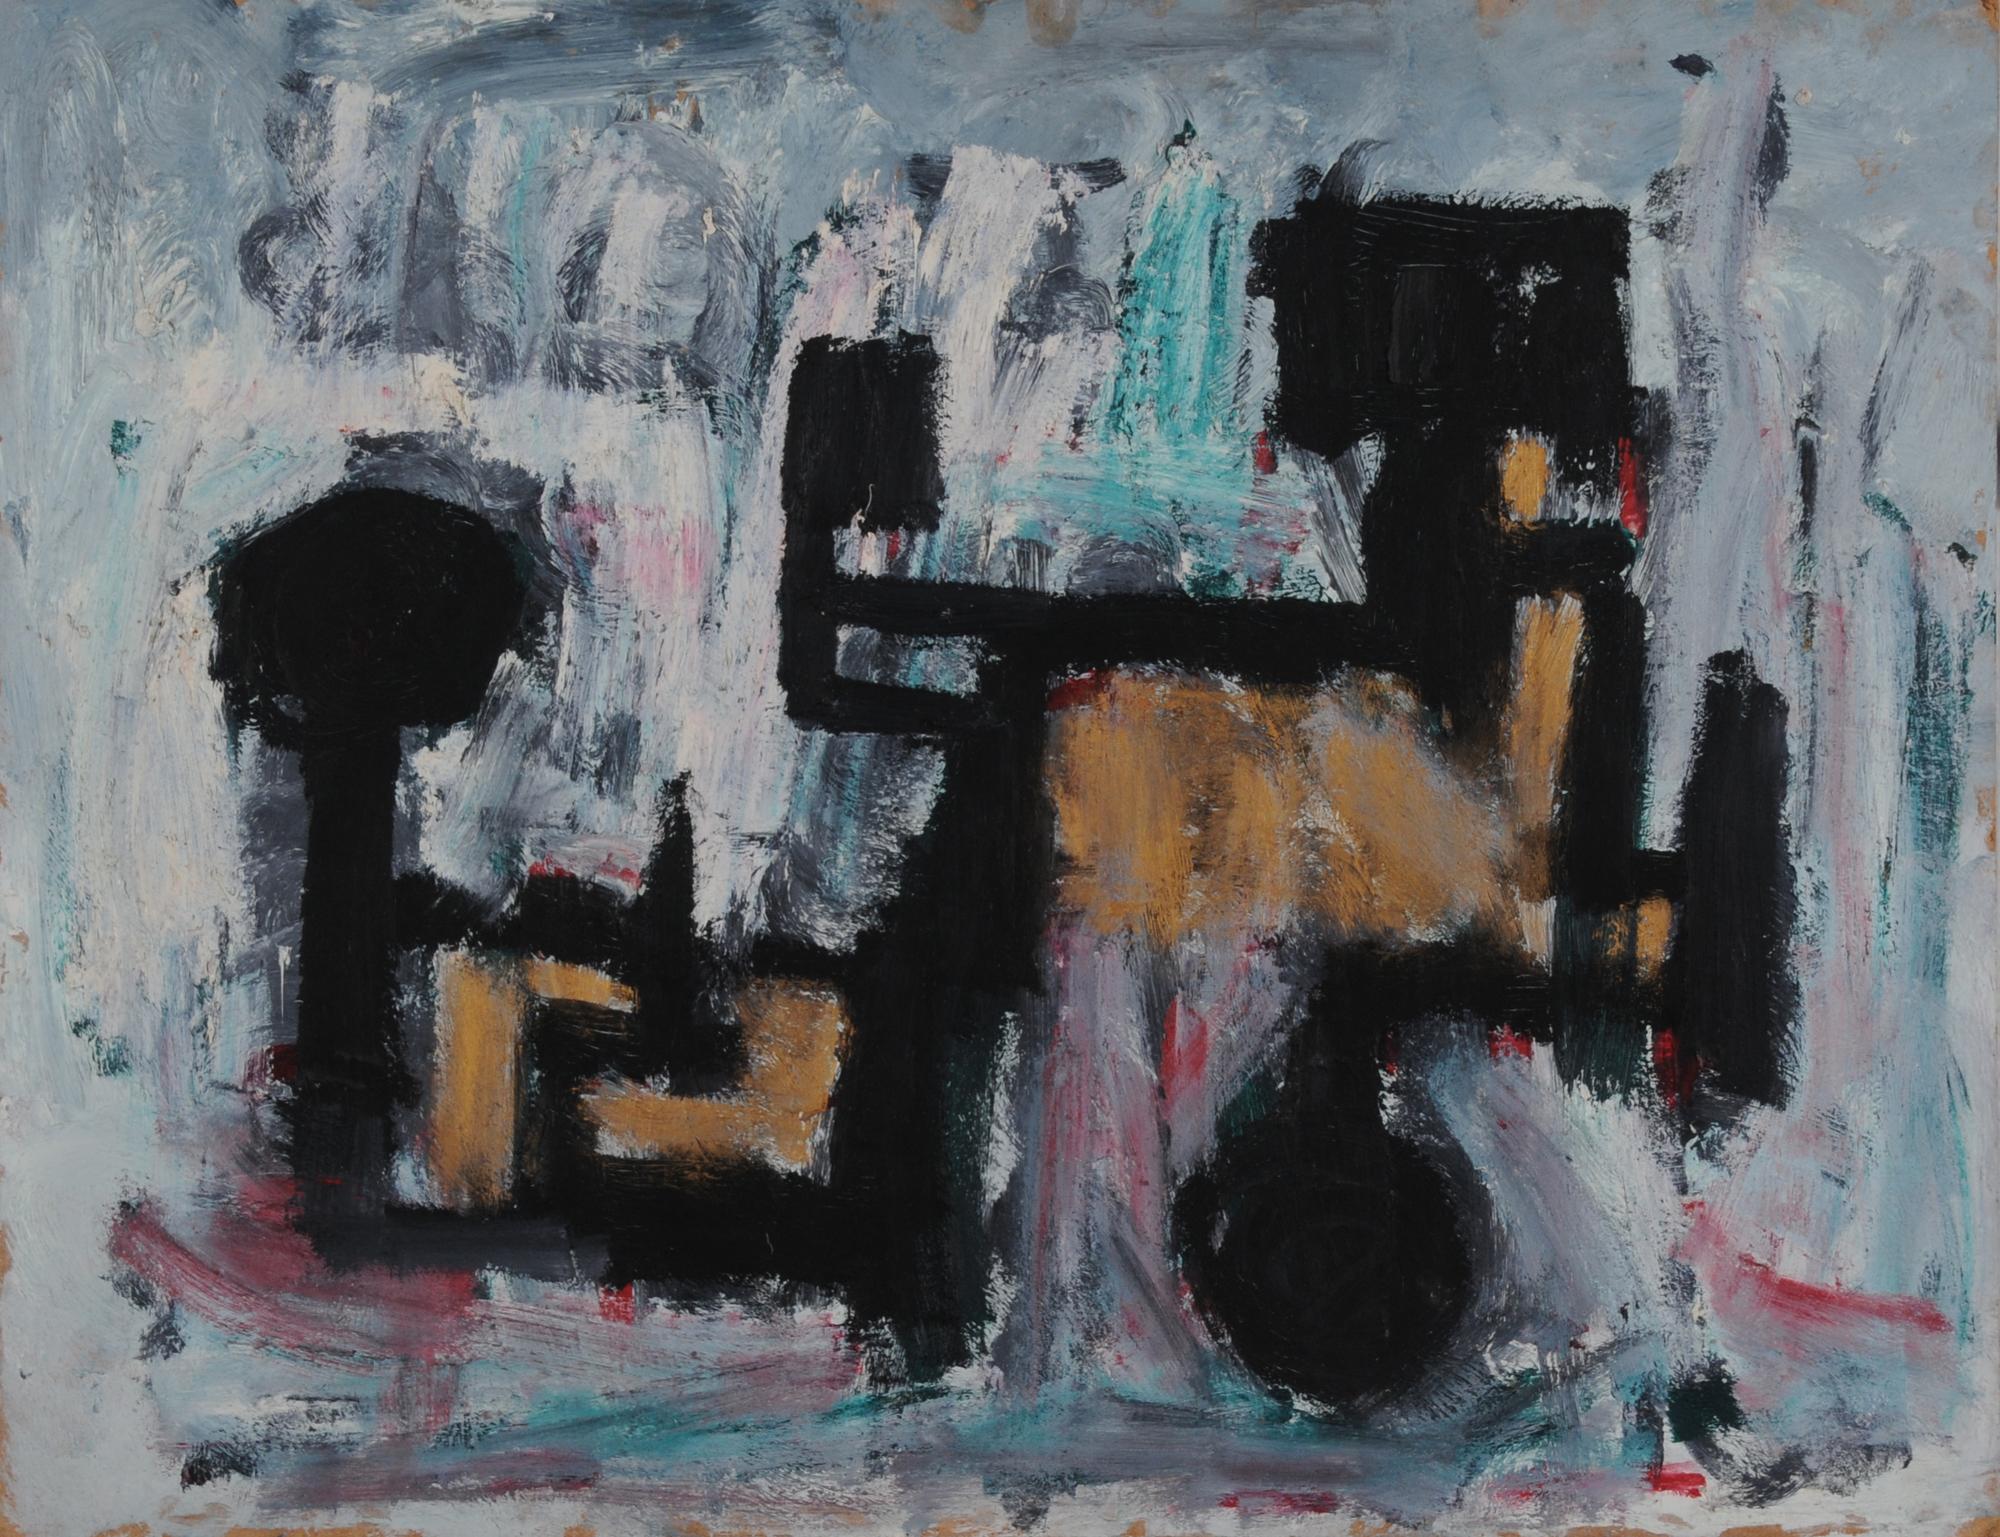 Steffen Walter, Composition